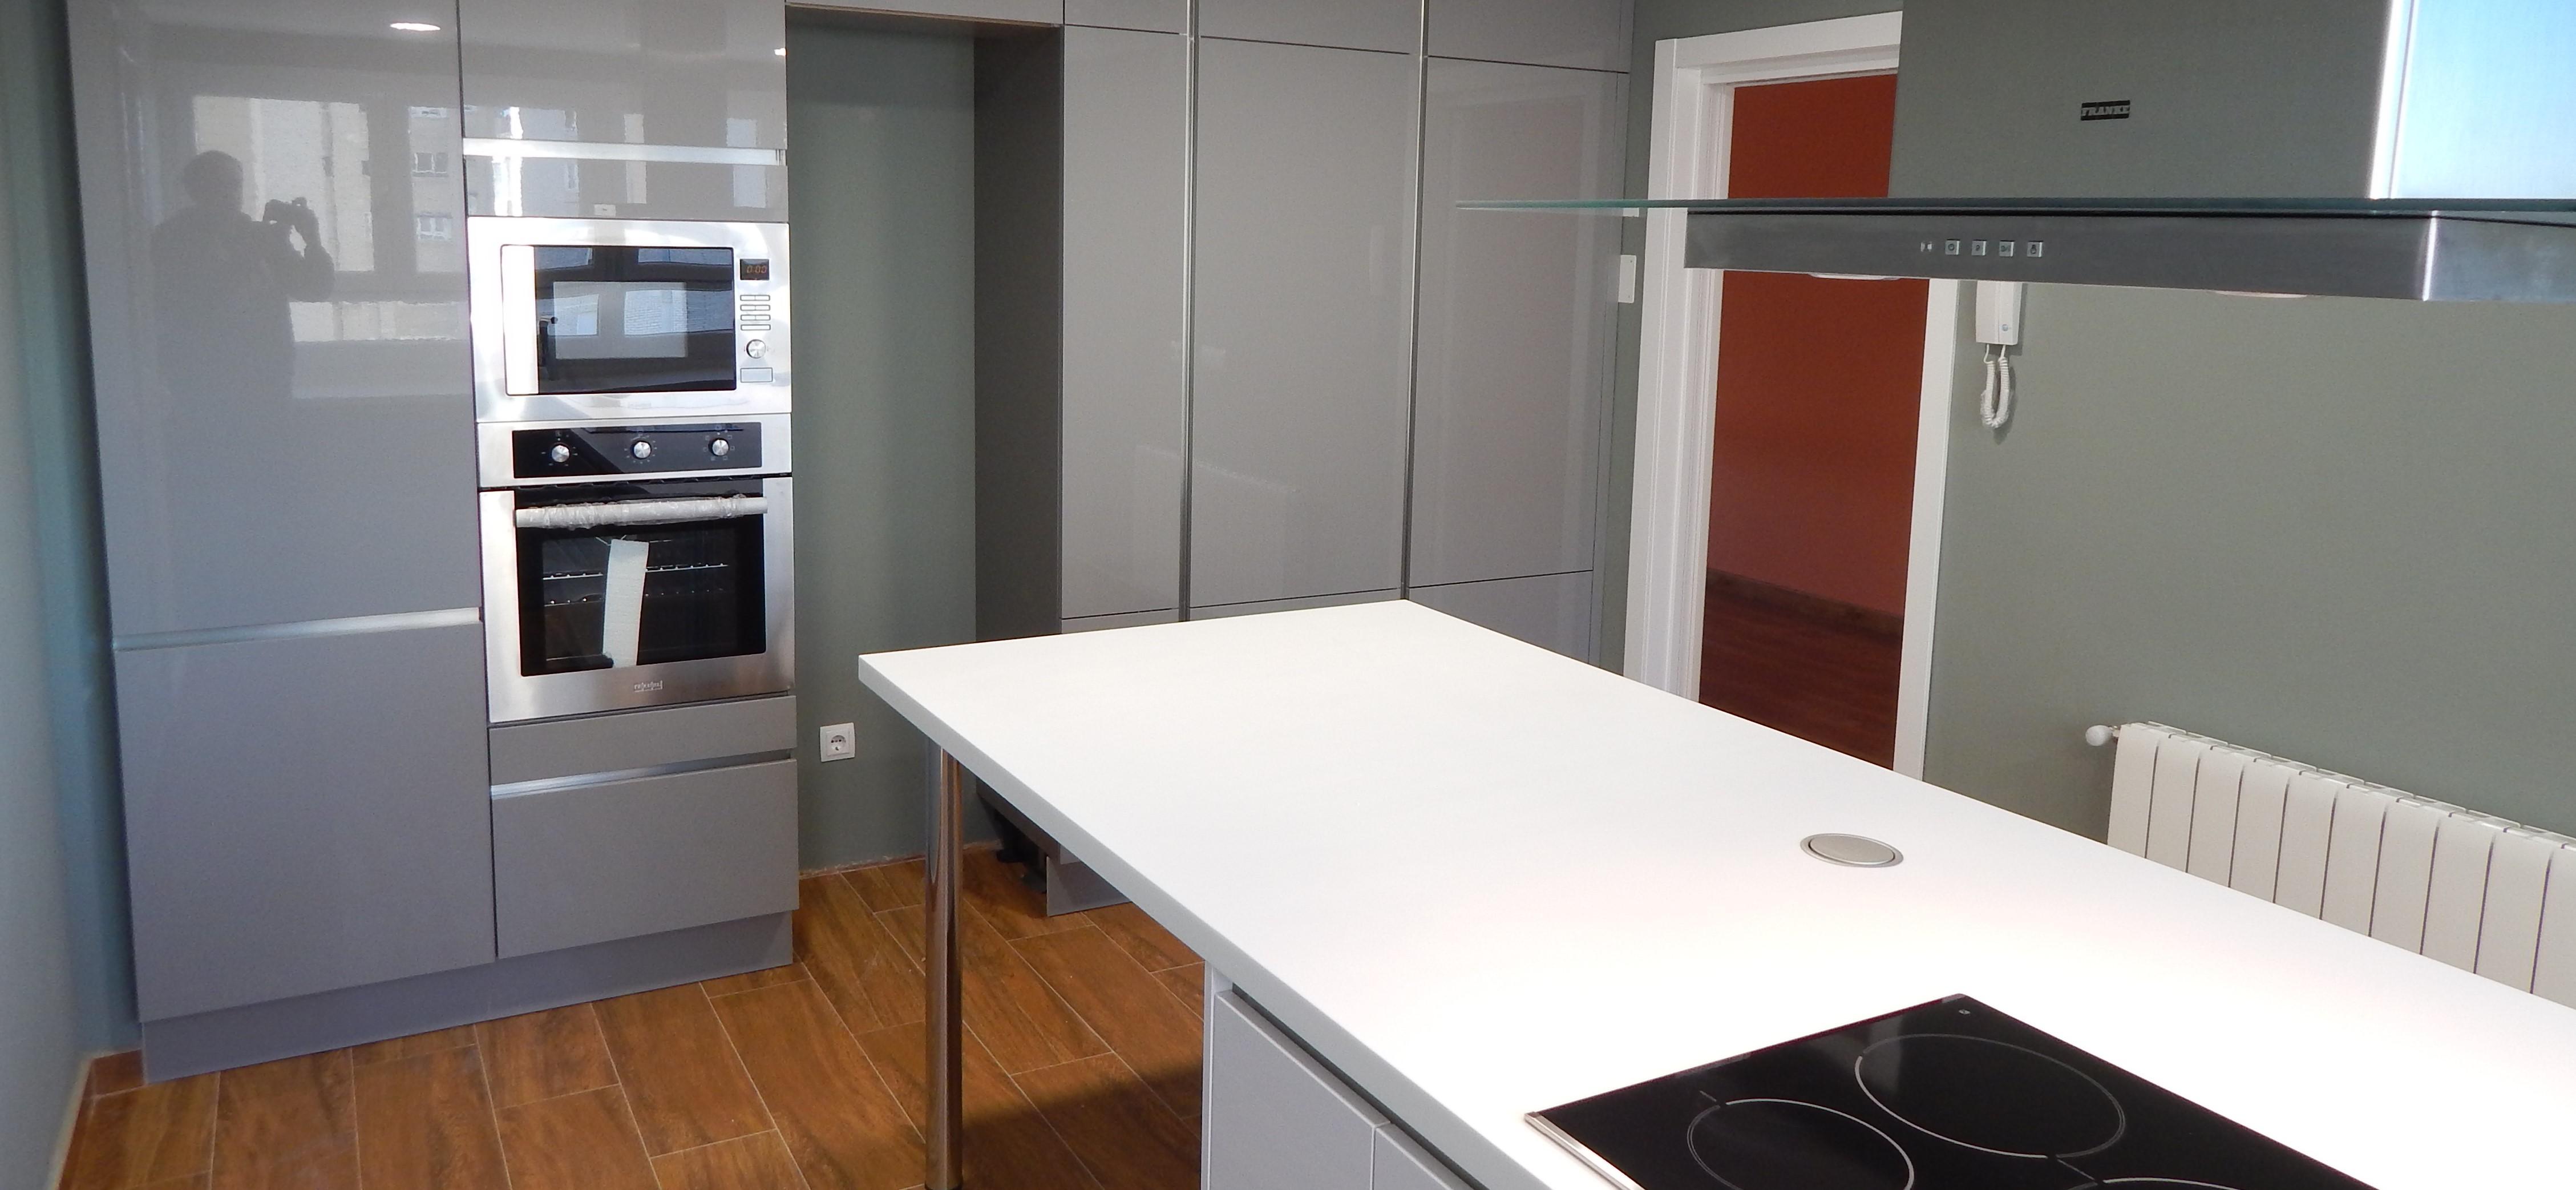 Muebles de cocina gris perla y blanco for Muebles de cocina nasa